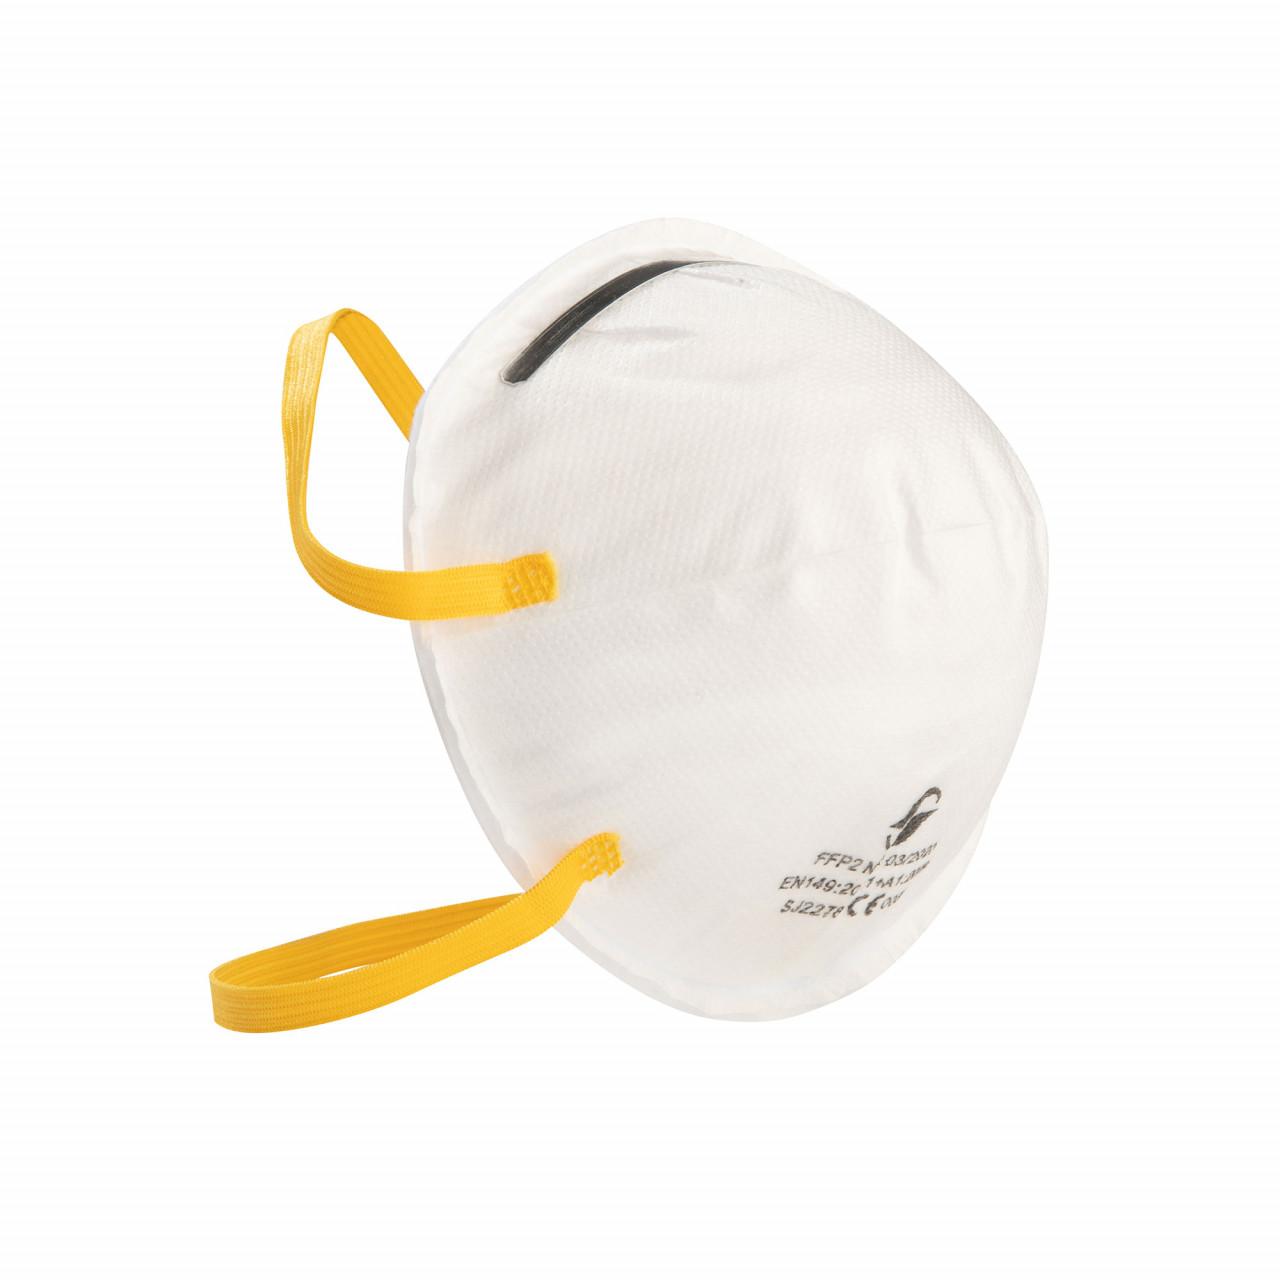 Atemschutzmaske FFP2 | Vorratspack | partikelfiltrierender Atemschutz | hochwertig, geprüft & zuver